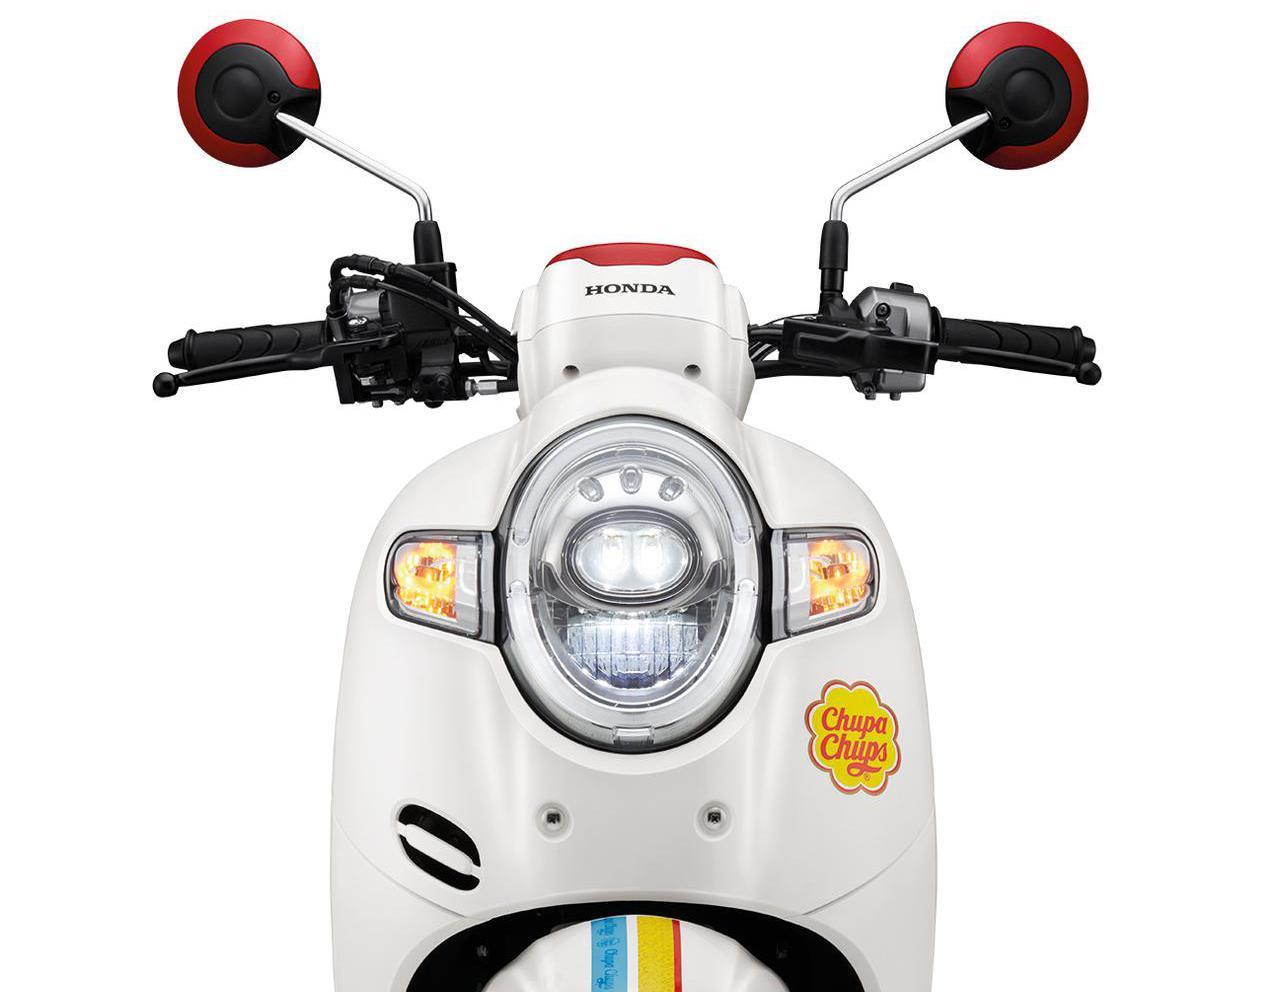 画像: タイホンダの110ccスクーターが「チュッパチャプス」とコラボ! 新型「スクーピーi」をポップに彩ったリミテッドモデル登場 - webオートバイ